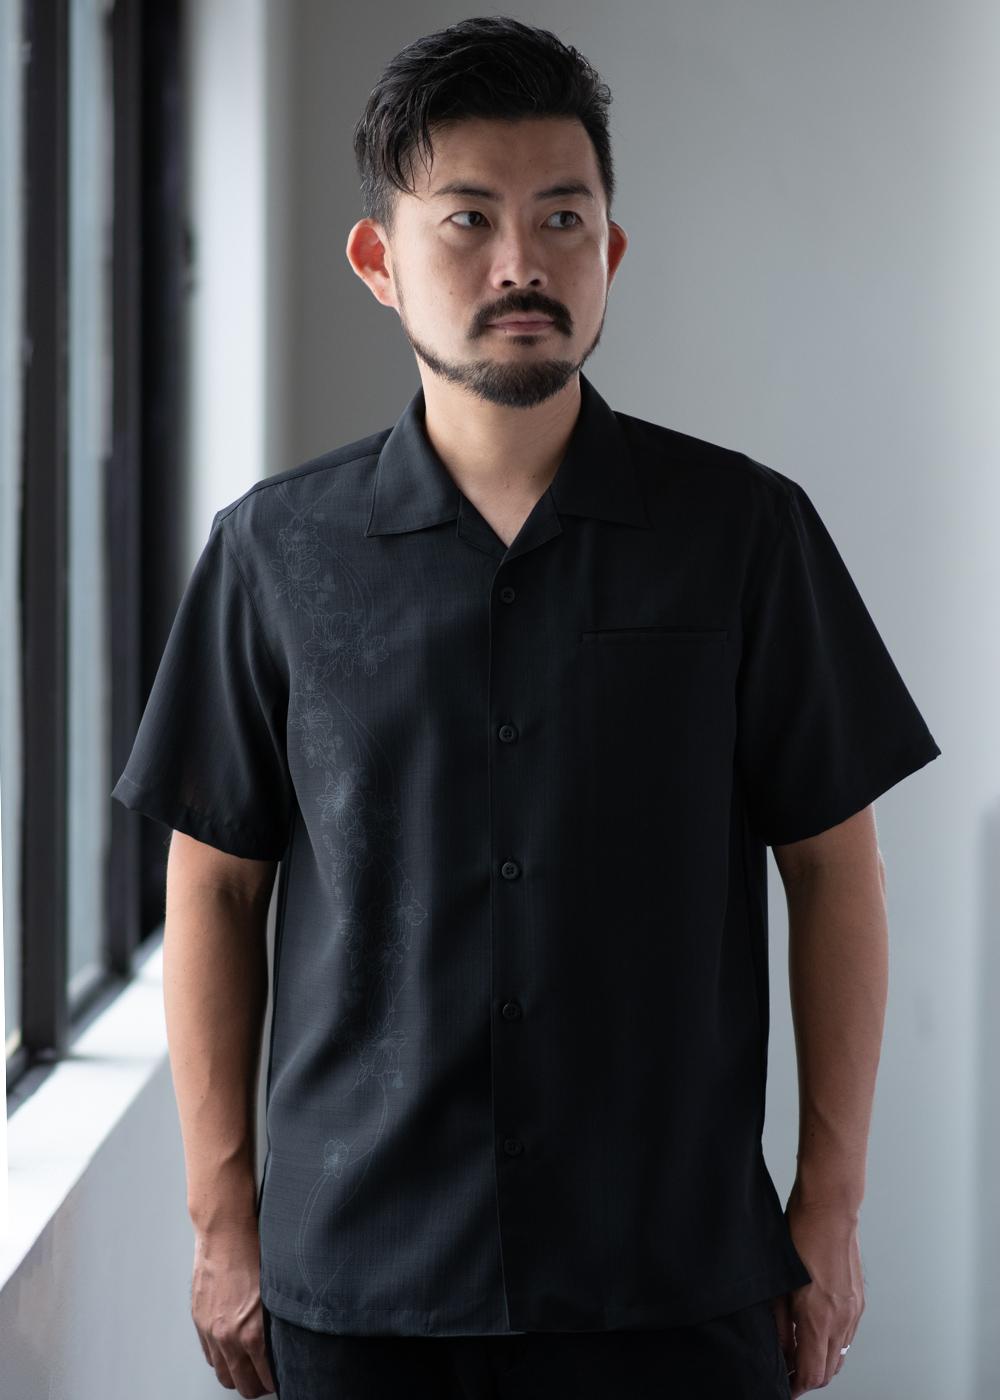 かりゆしウェア(沖縄版アロハシャツ) MAJUN - はるみつつじ(開襟)